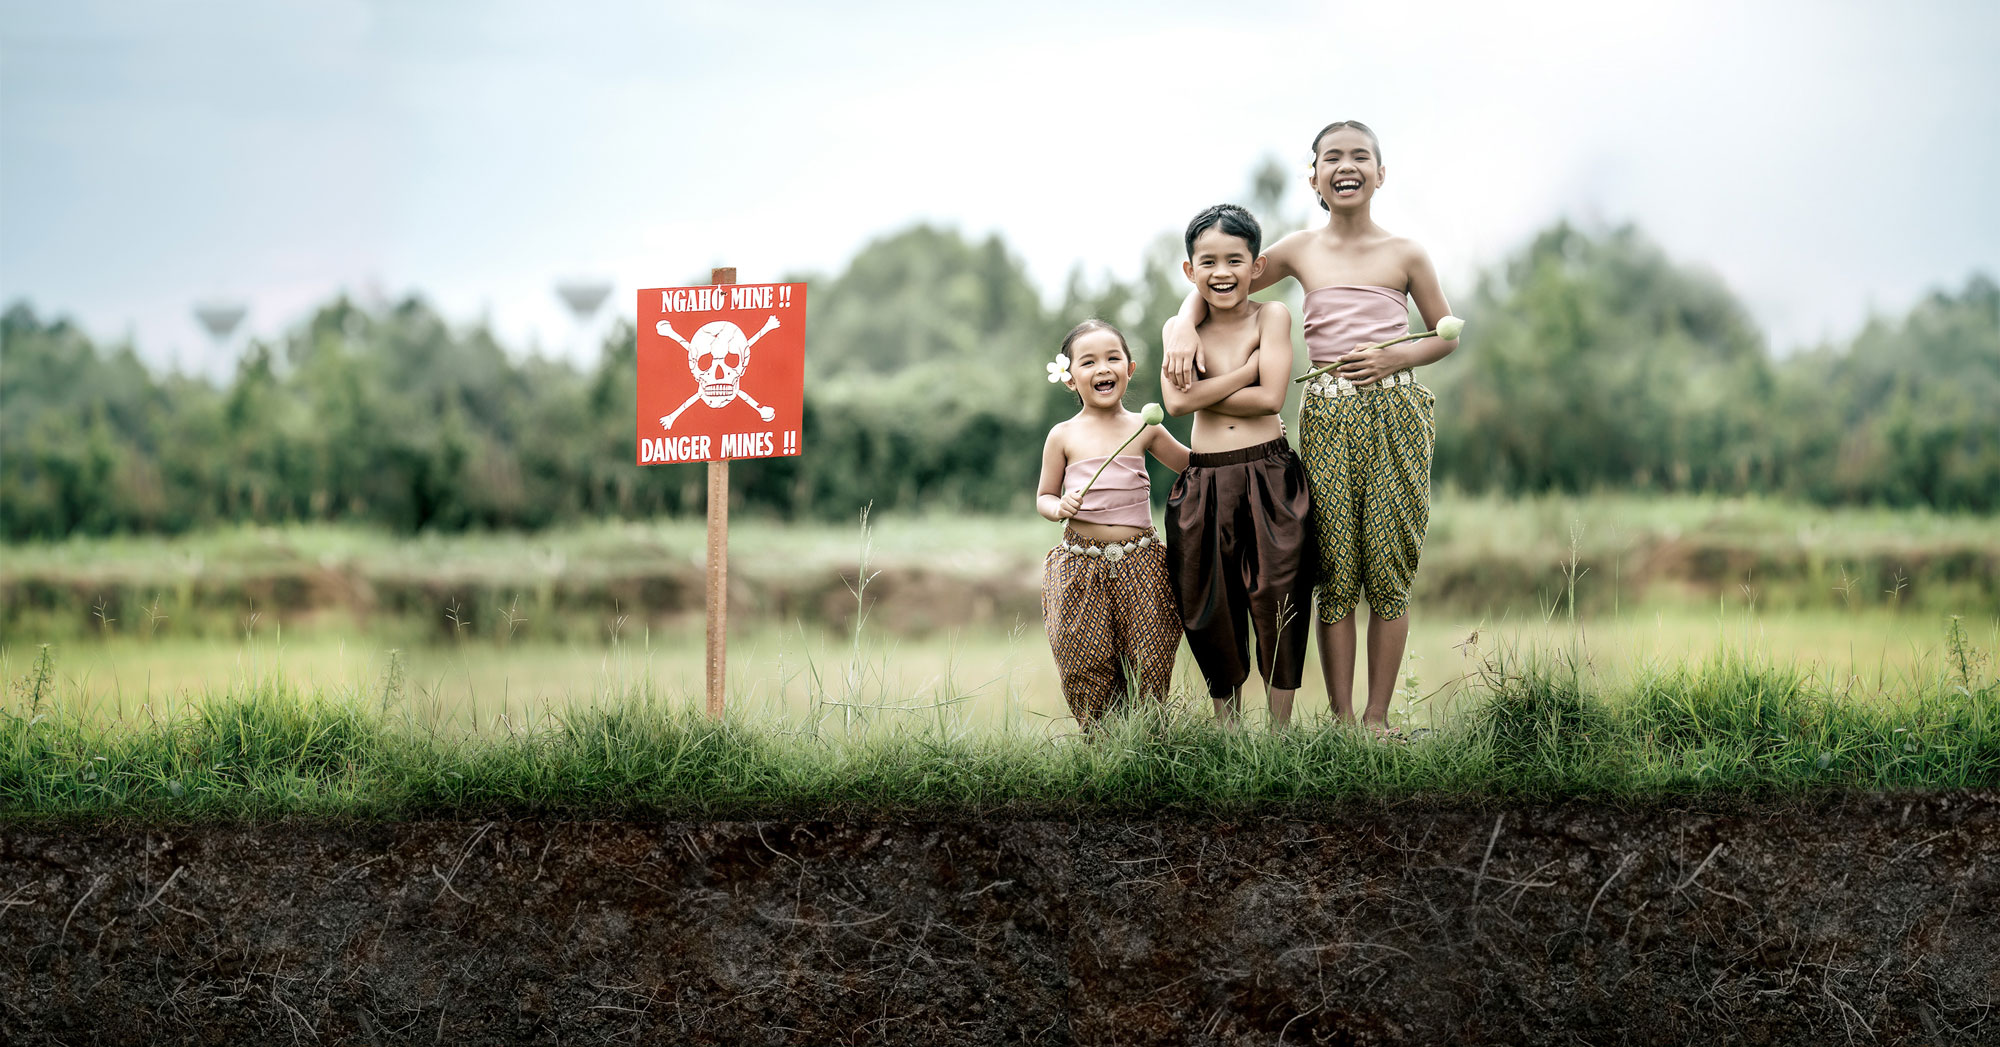 Three children laugh above a landmine